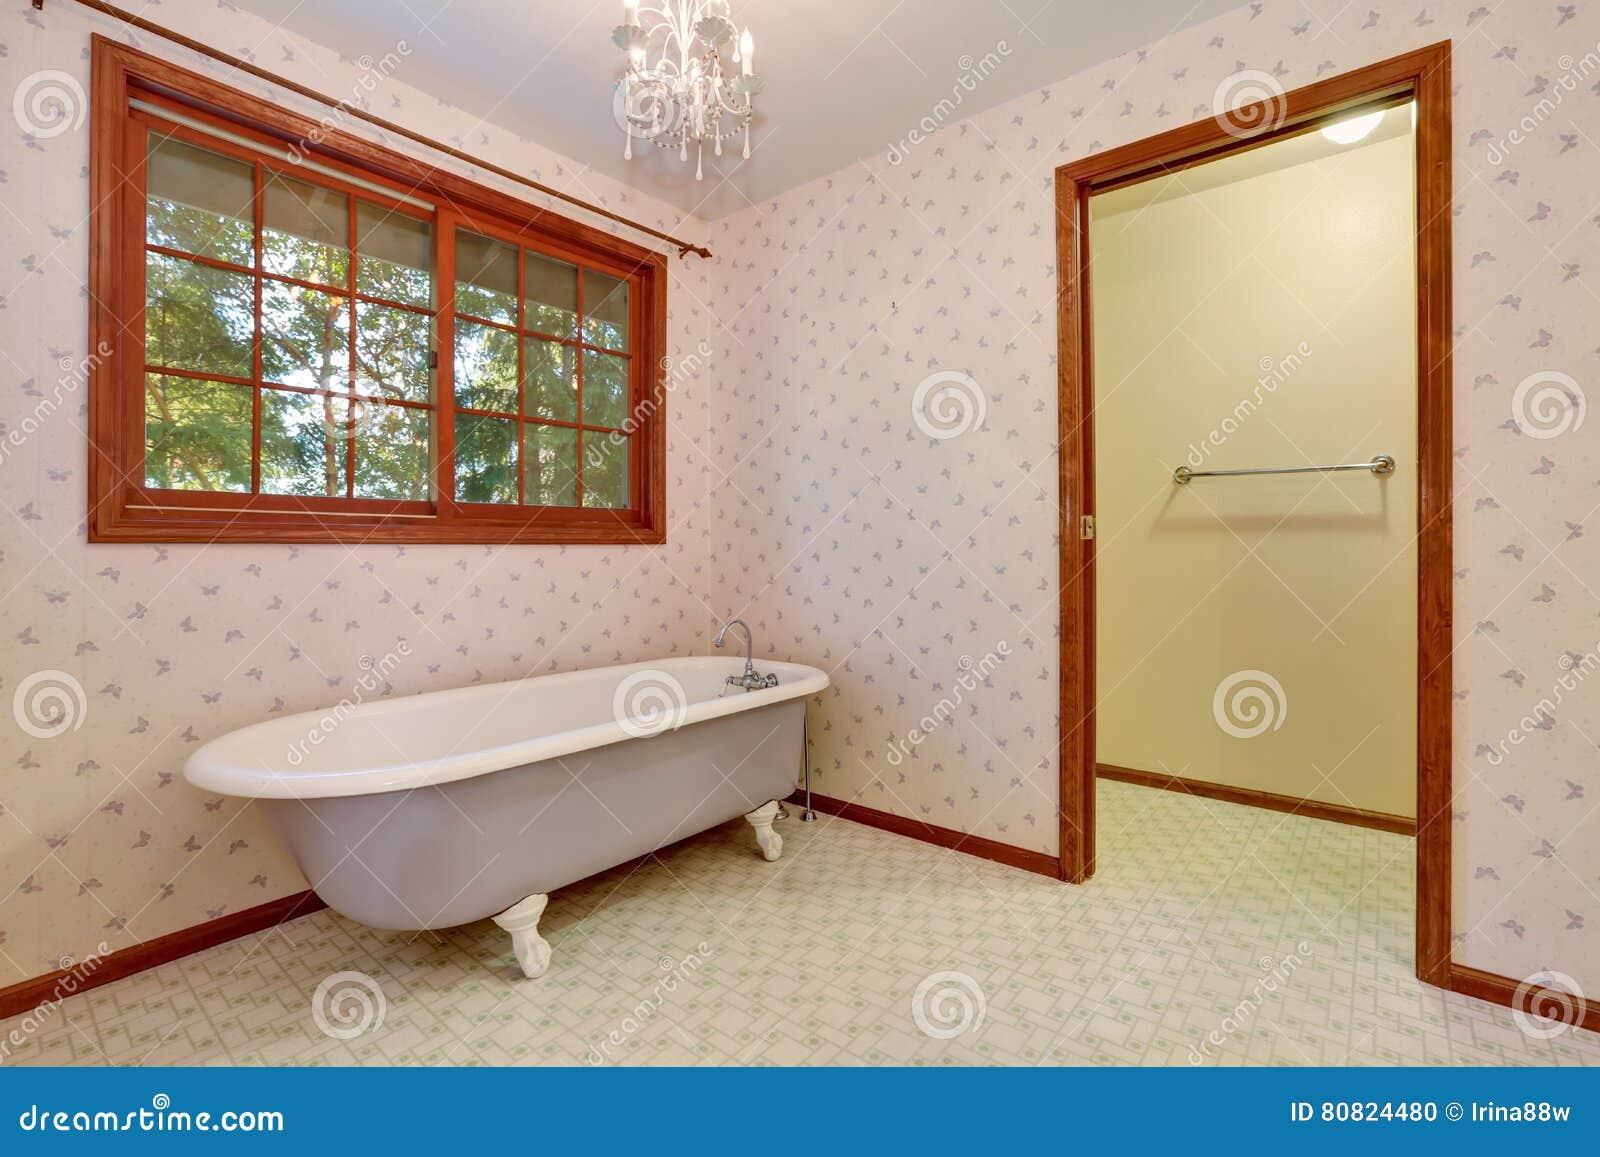 Freistehende Badewanne In Der Ecke Des Retro Badezimmers Stockfoto